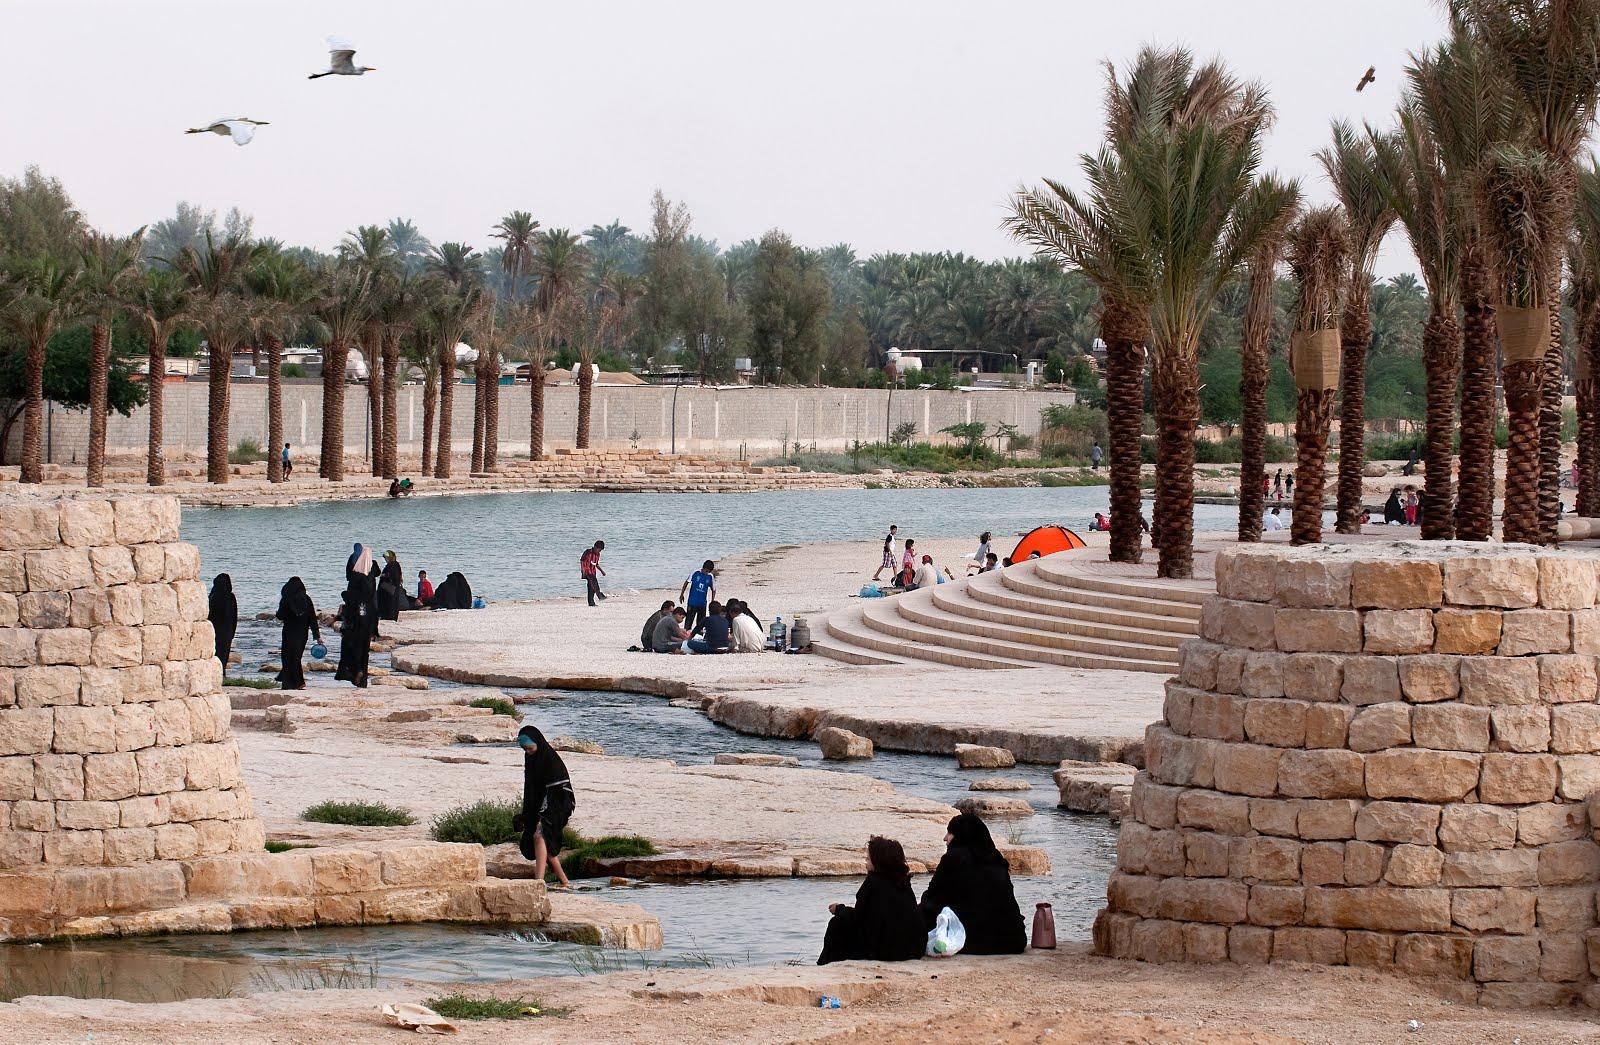 Ref. Canal Wadi Hanifa Riyadh